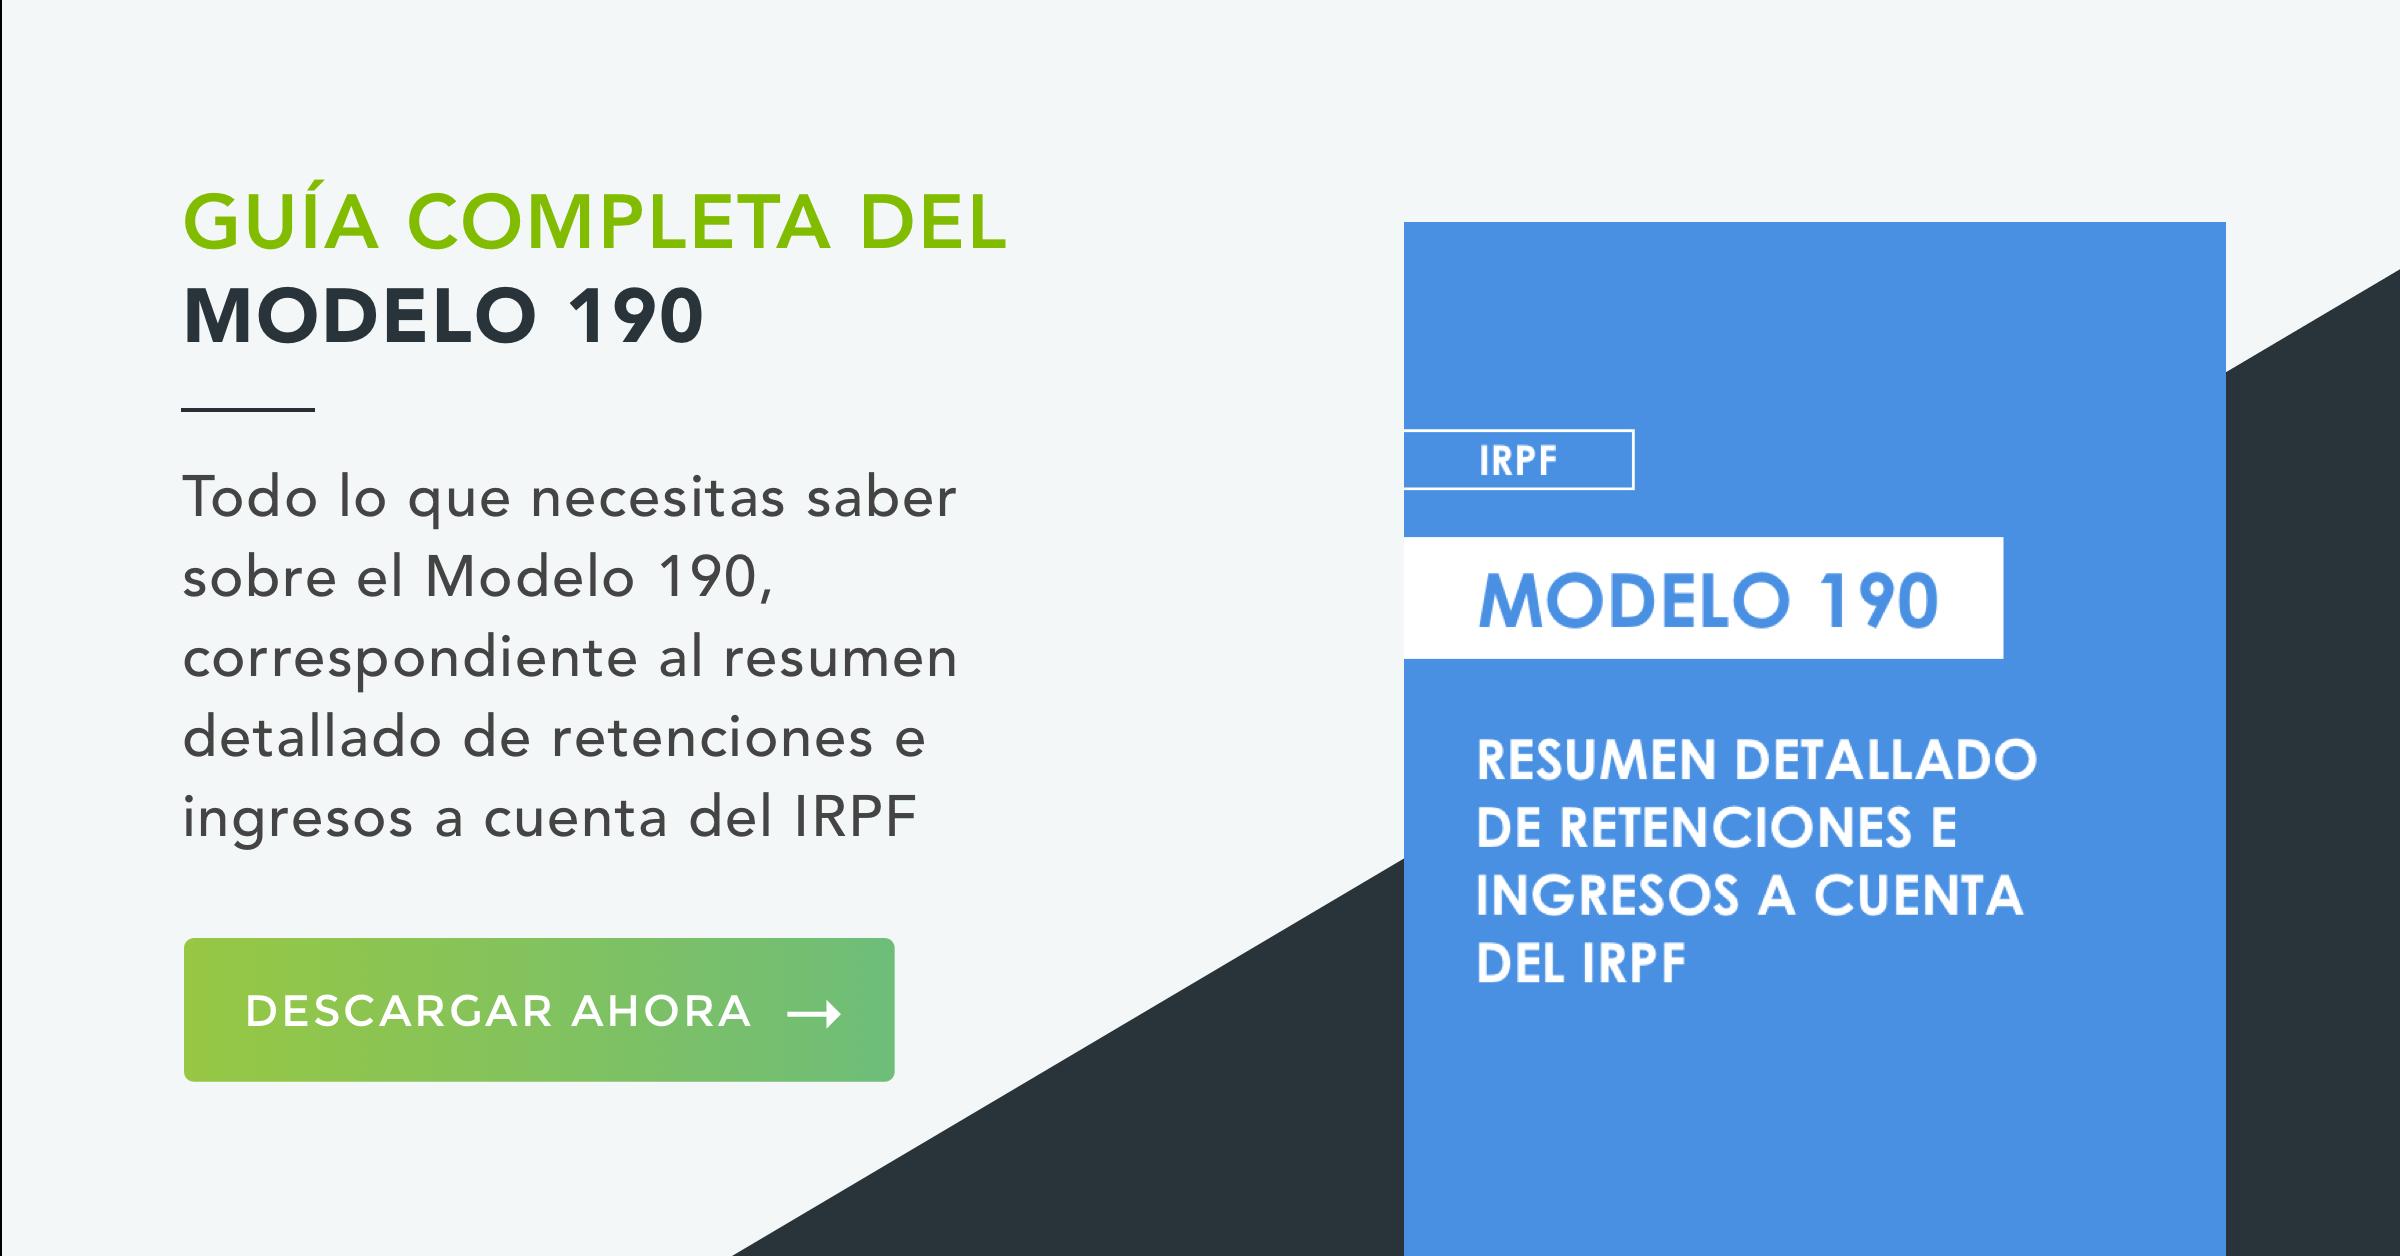 Modelo 190 IRPF